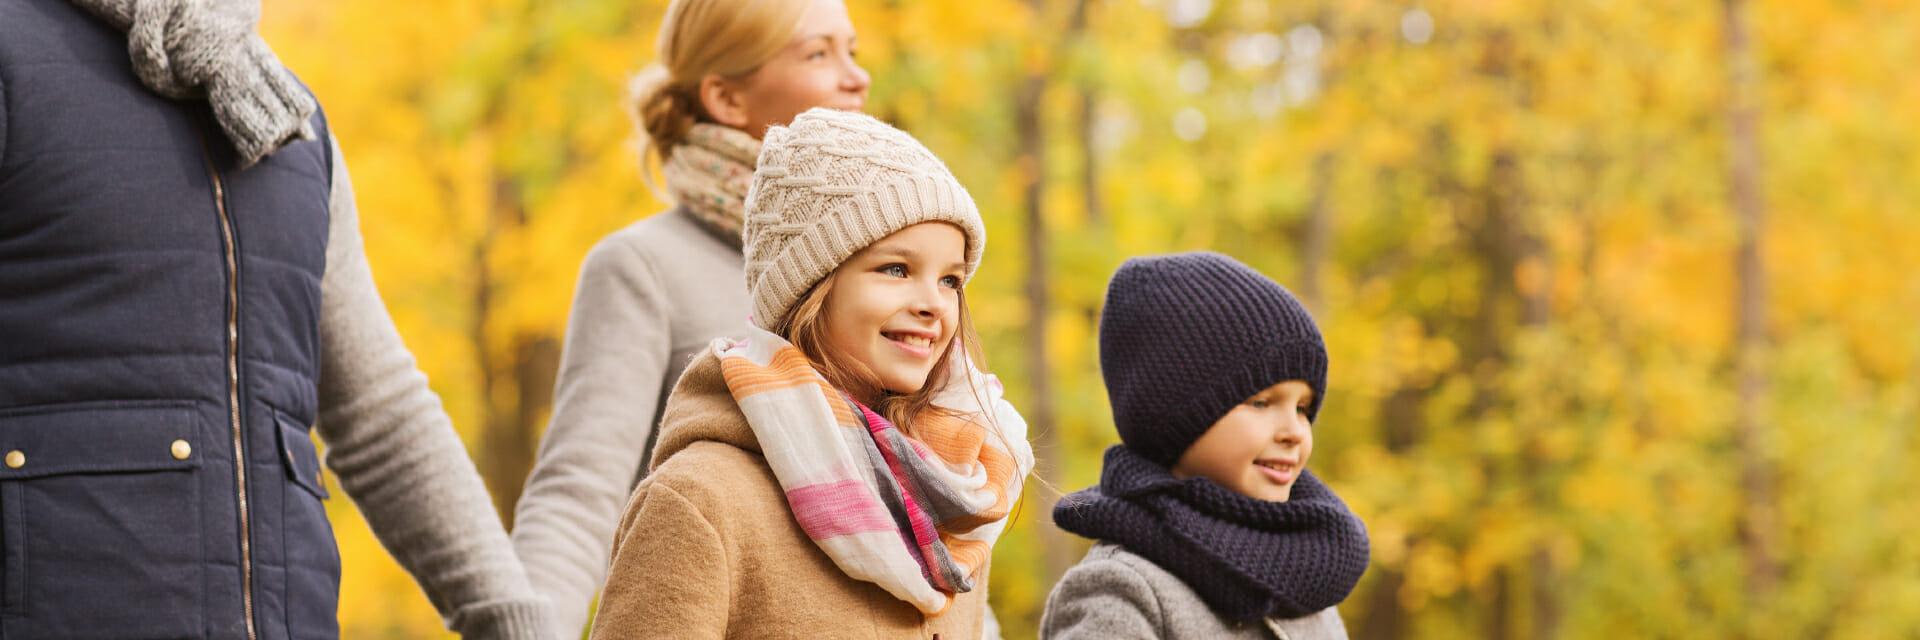 Famille qui marche avec les feuilles d'automne